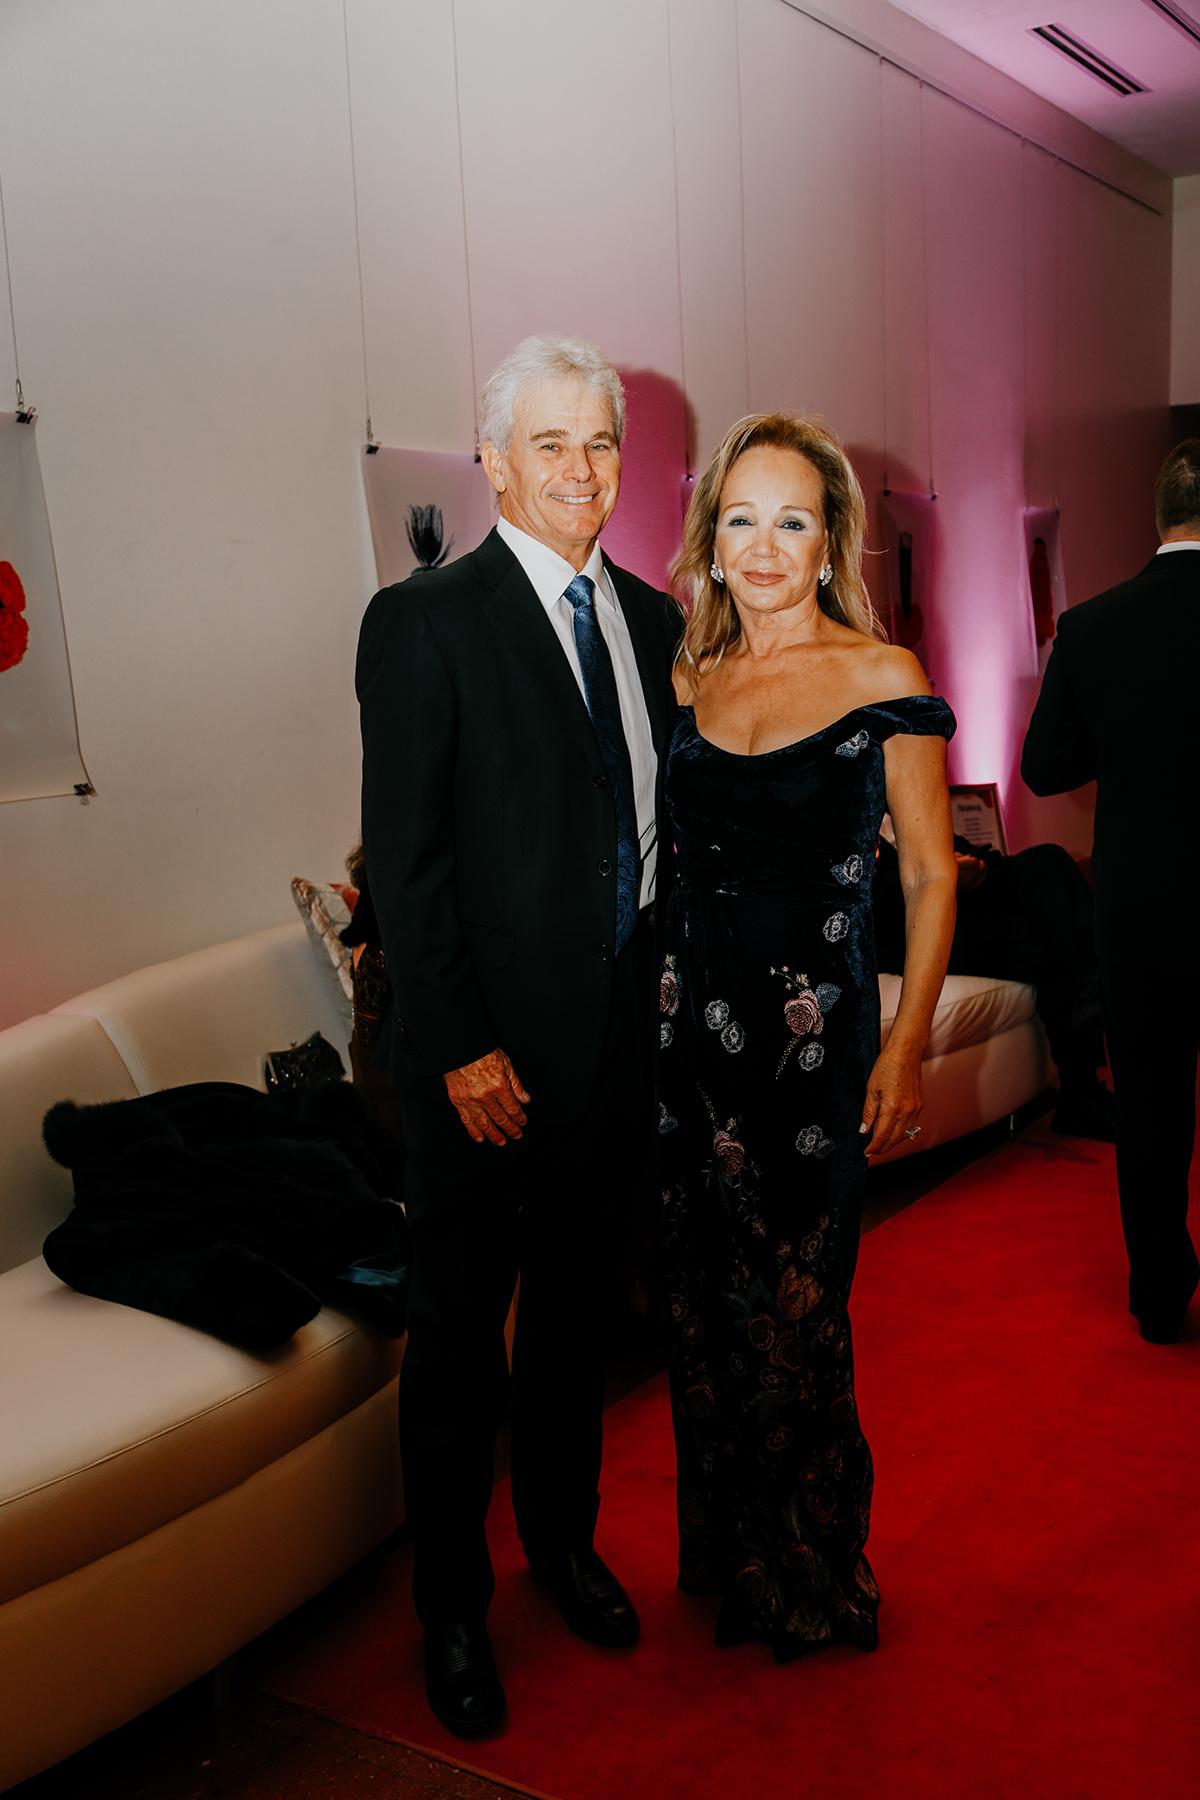 Gary and Mary Lamar Leyendecker